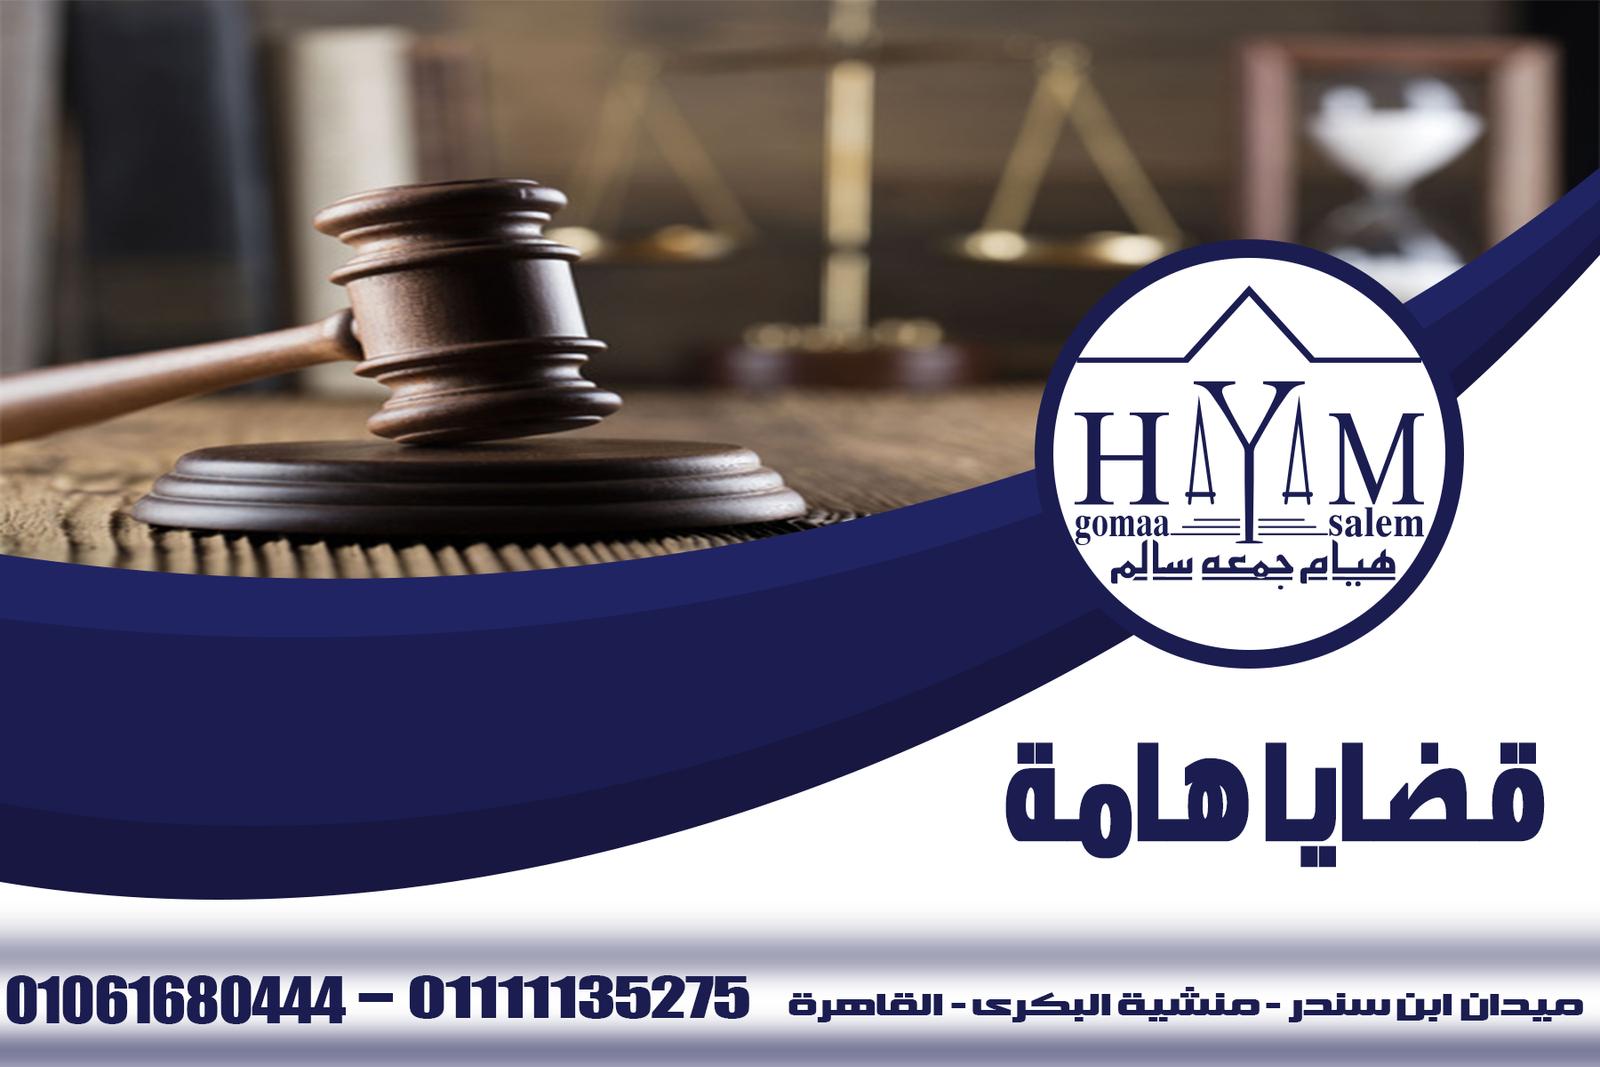 زواج الاجانب في مصر المحامية هيام جمعه سالم 01061680444 – تعريف القانون المصري